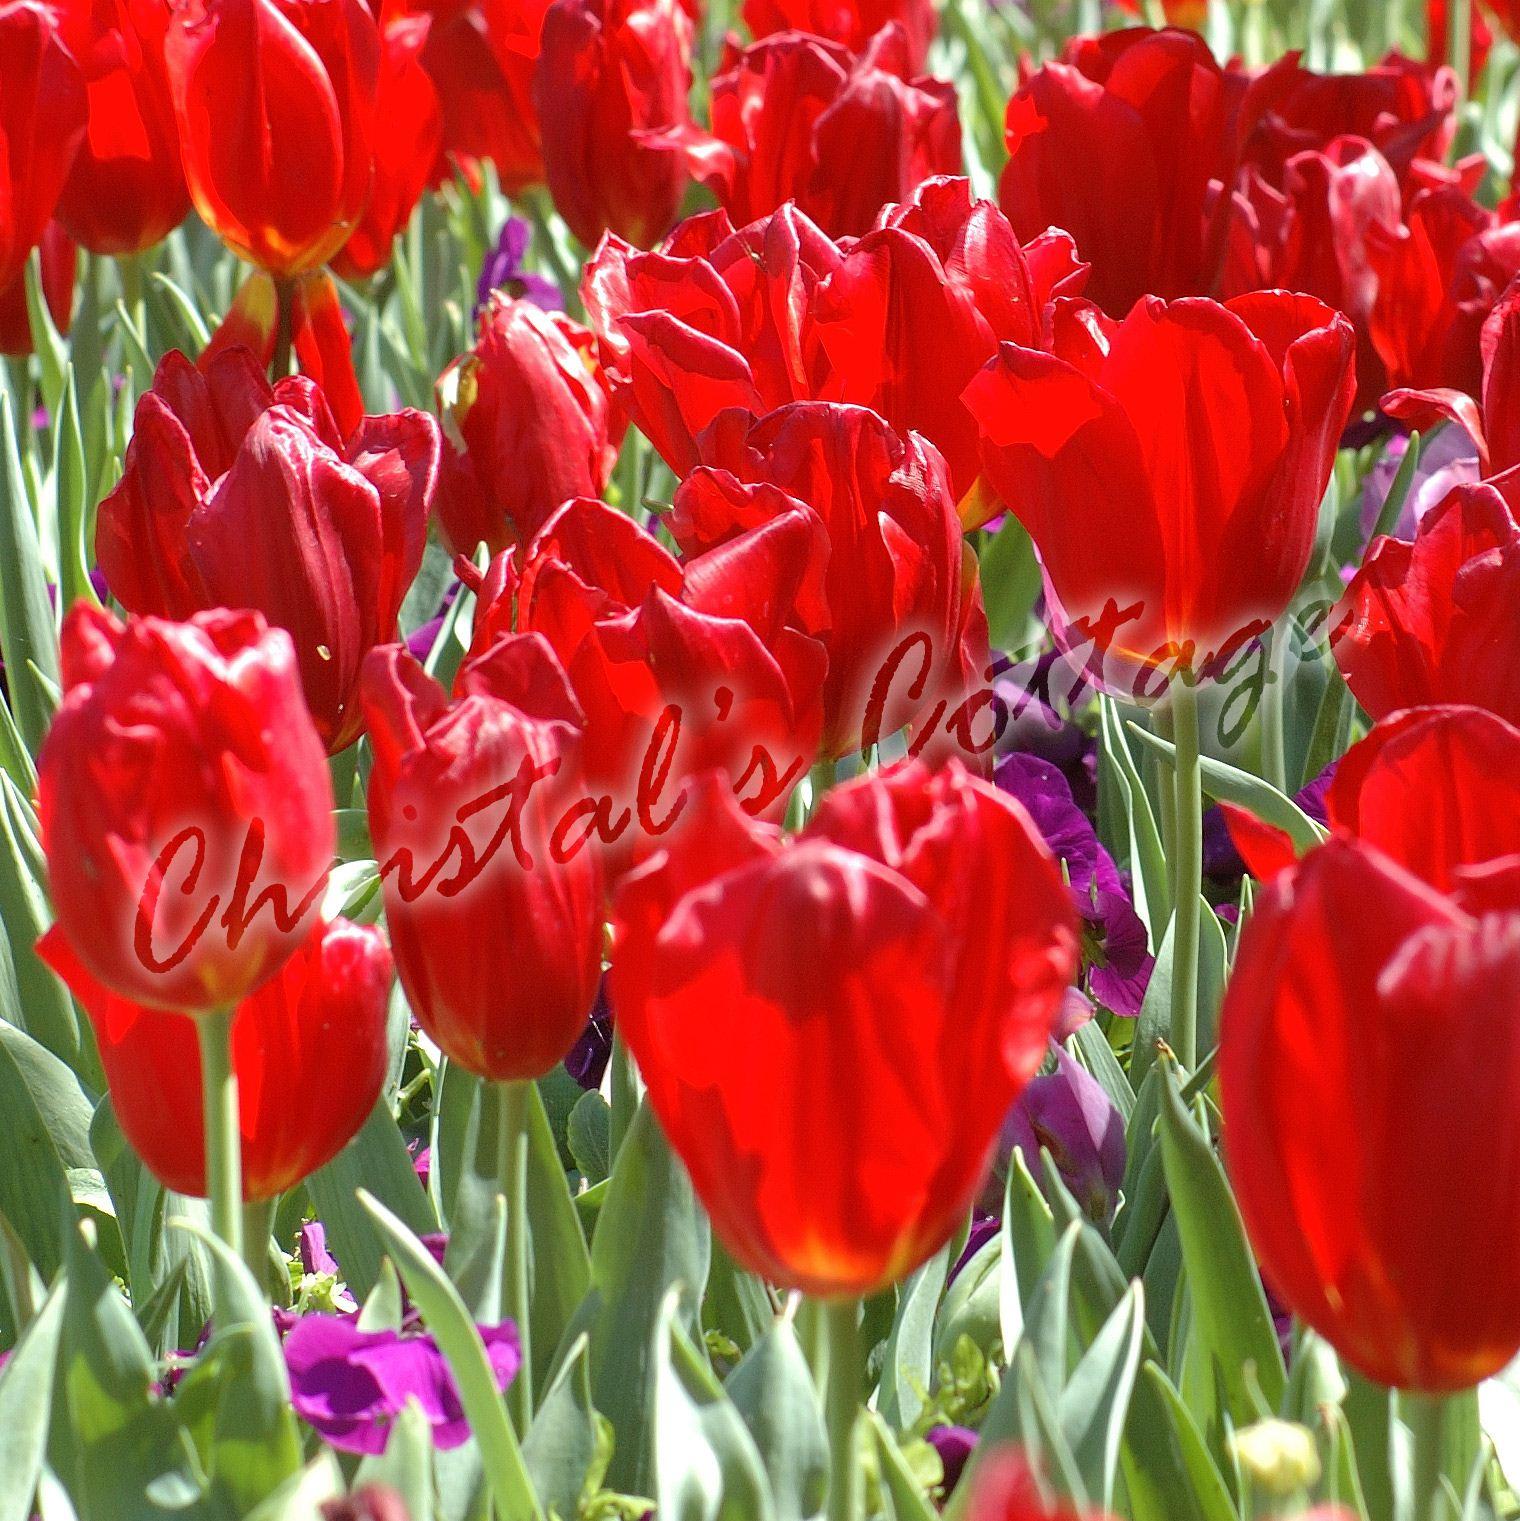 8 Tulipes Couleur Unie Automne Jardinage Fleur De Printemps Bulbe